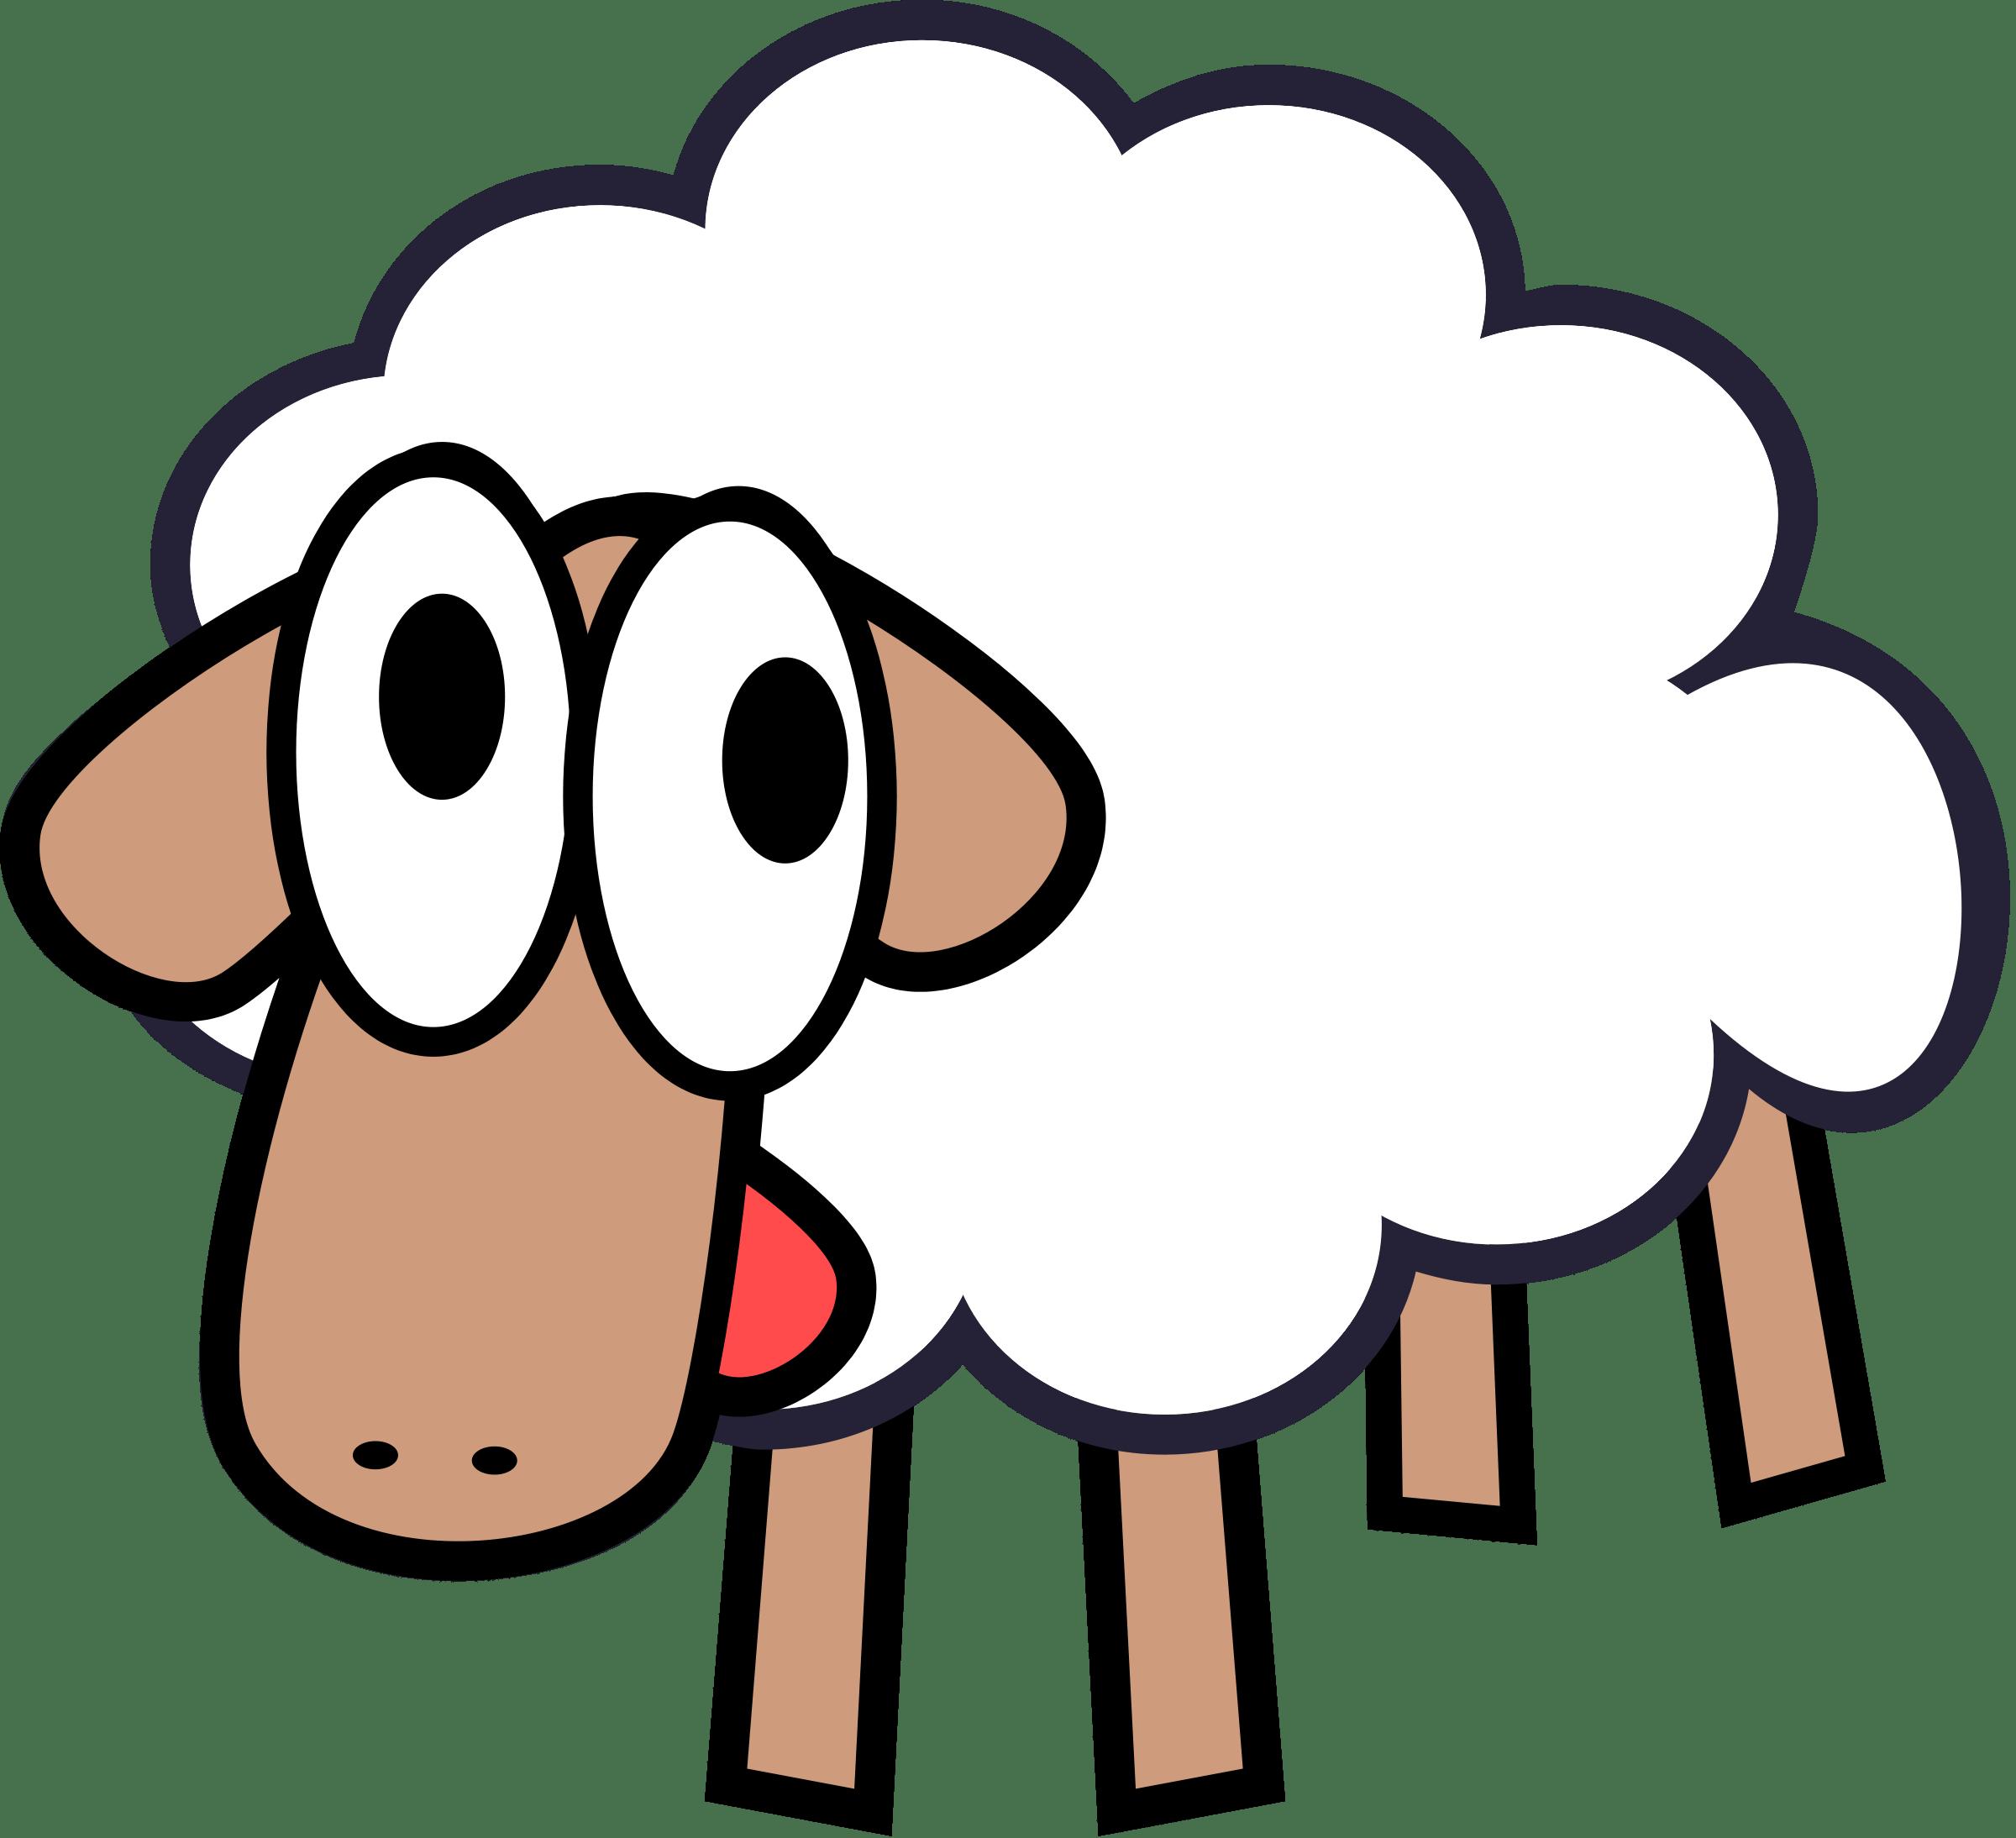 Sacrificial lamb clipart clip art free download Passover clipart sacrificial lamb, Passover sacrificial lamb ... clip art free download